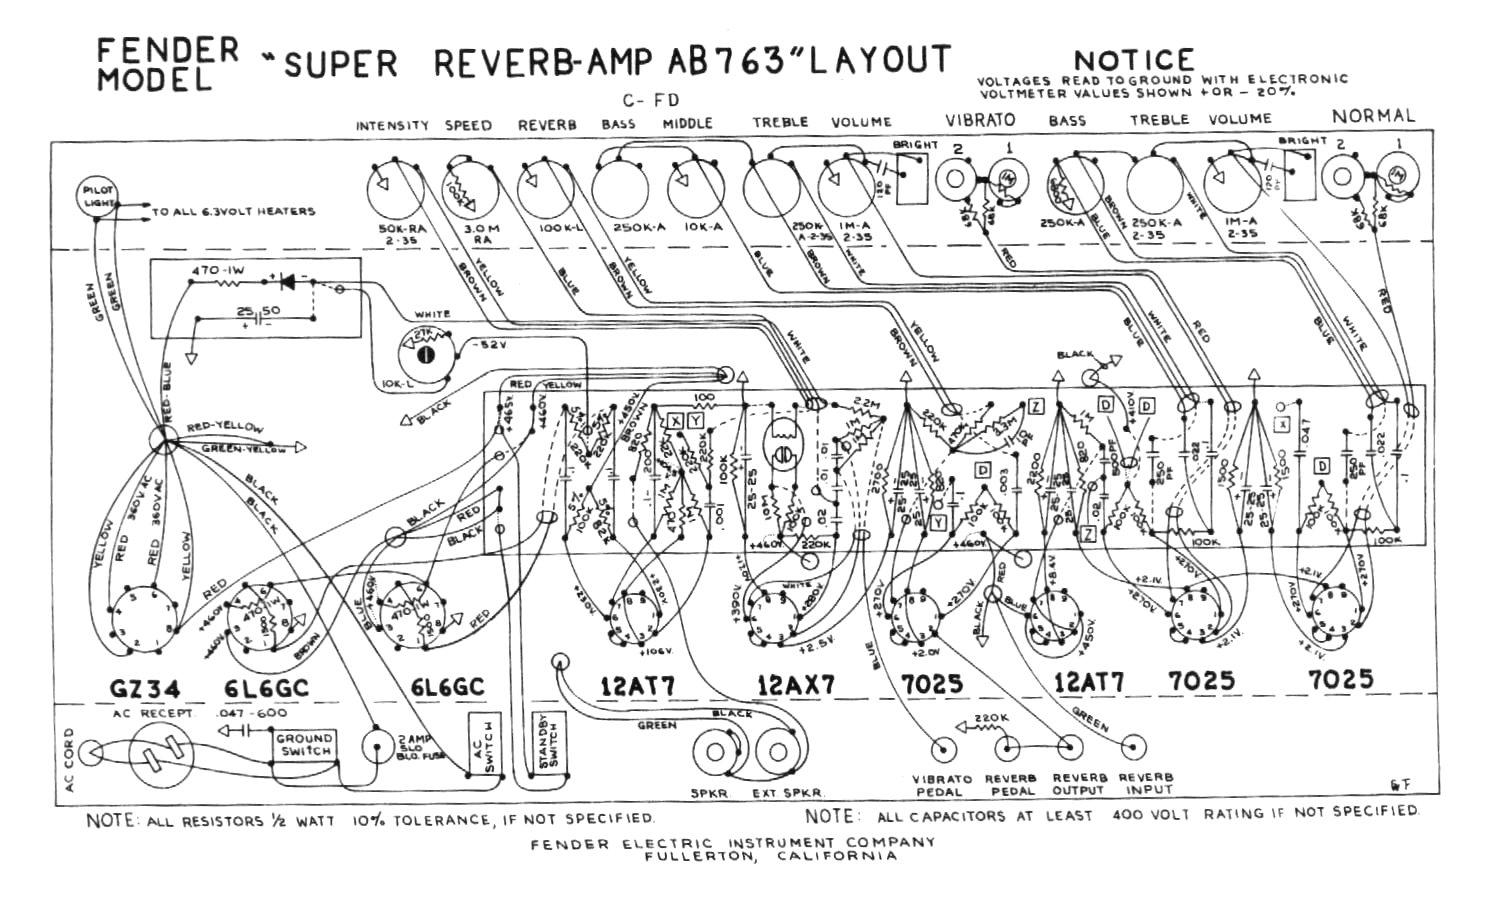 yamaha guitar wiring diagram yamaha image wiring yamaha b guitar wiring diagram klockner moeller wiring diagram on yamaha guitar wiring diagram